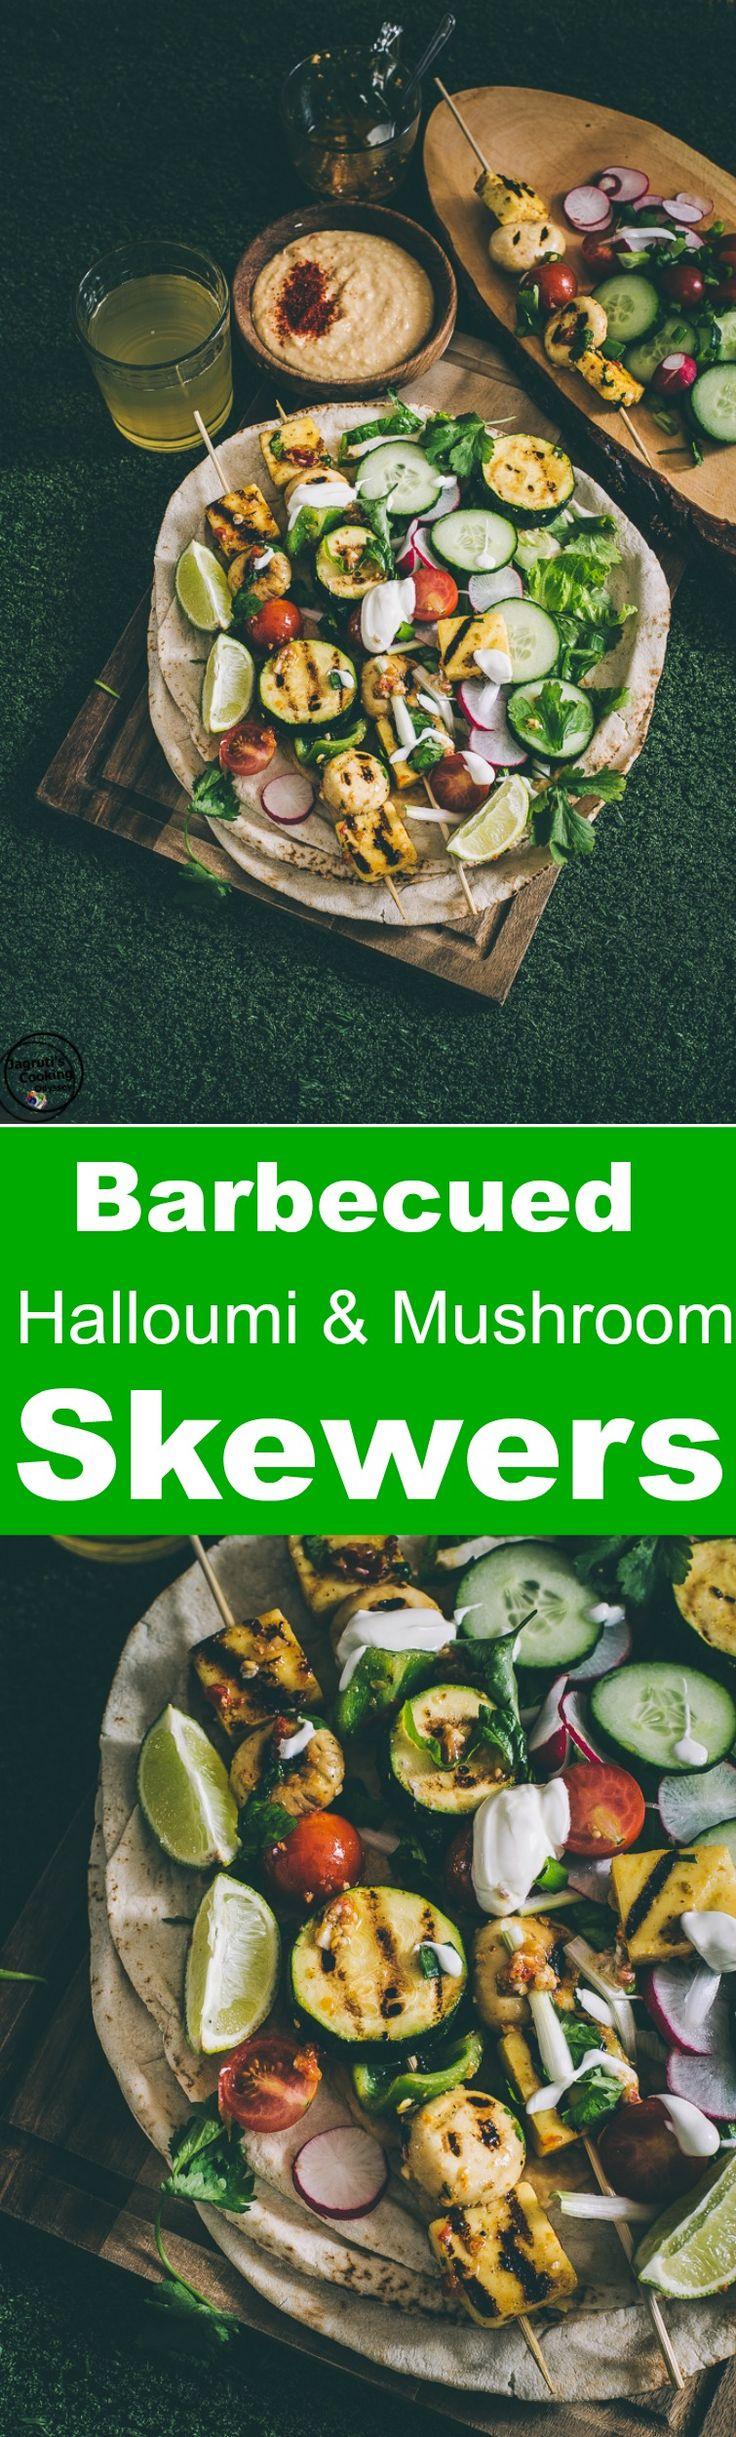 Barbecued Halloumi & Mushroom Skewers